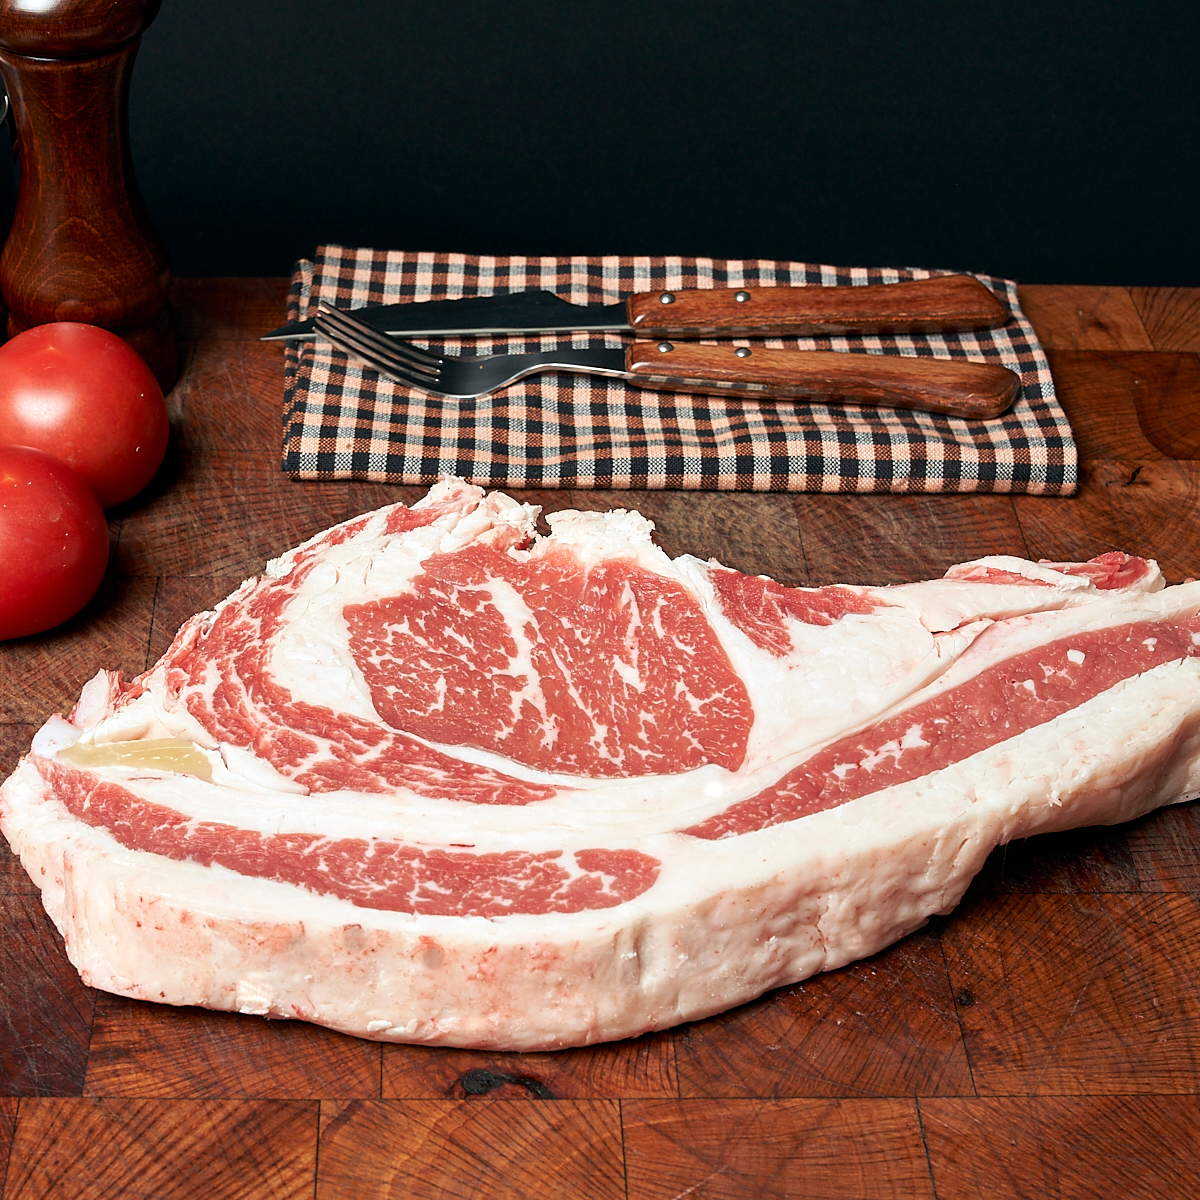 Comprar Carne Online Carniceria